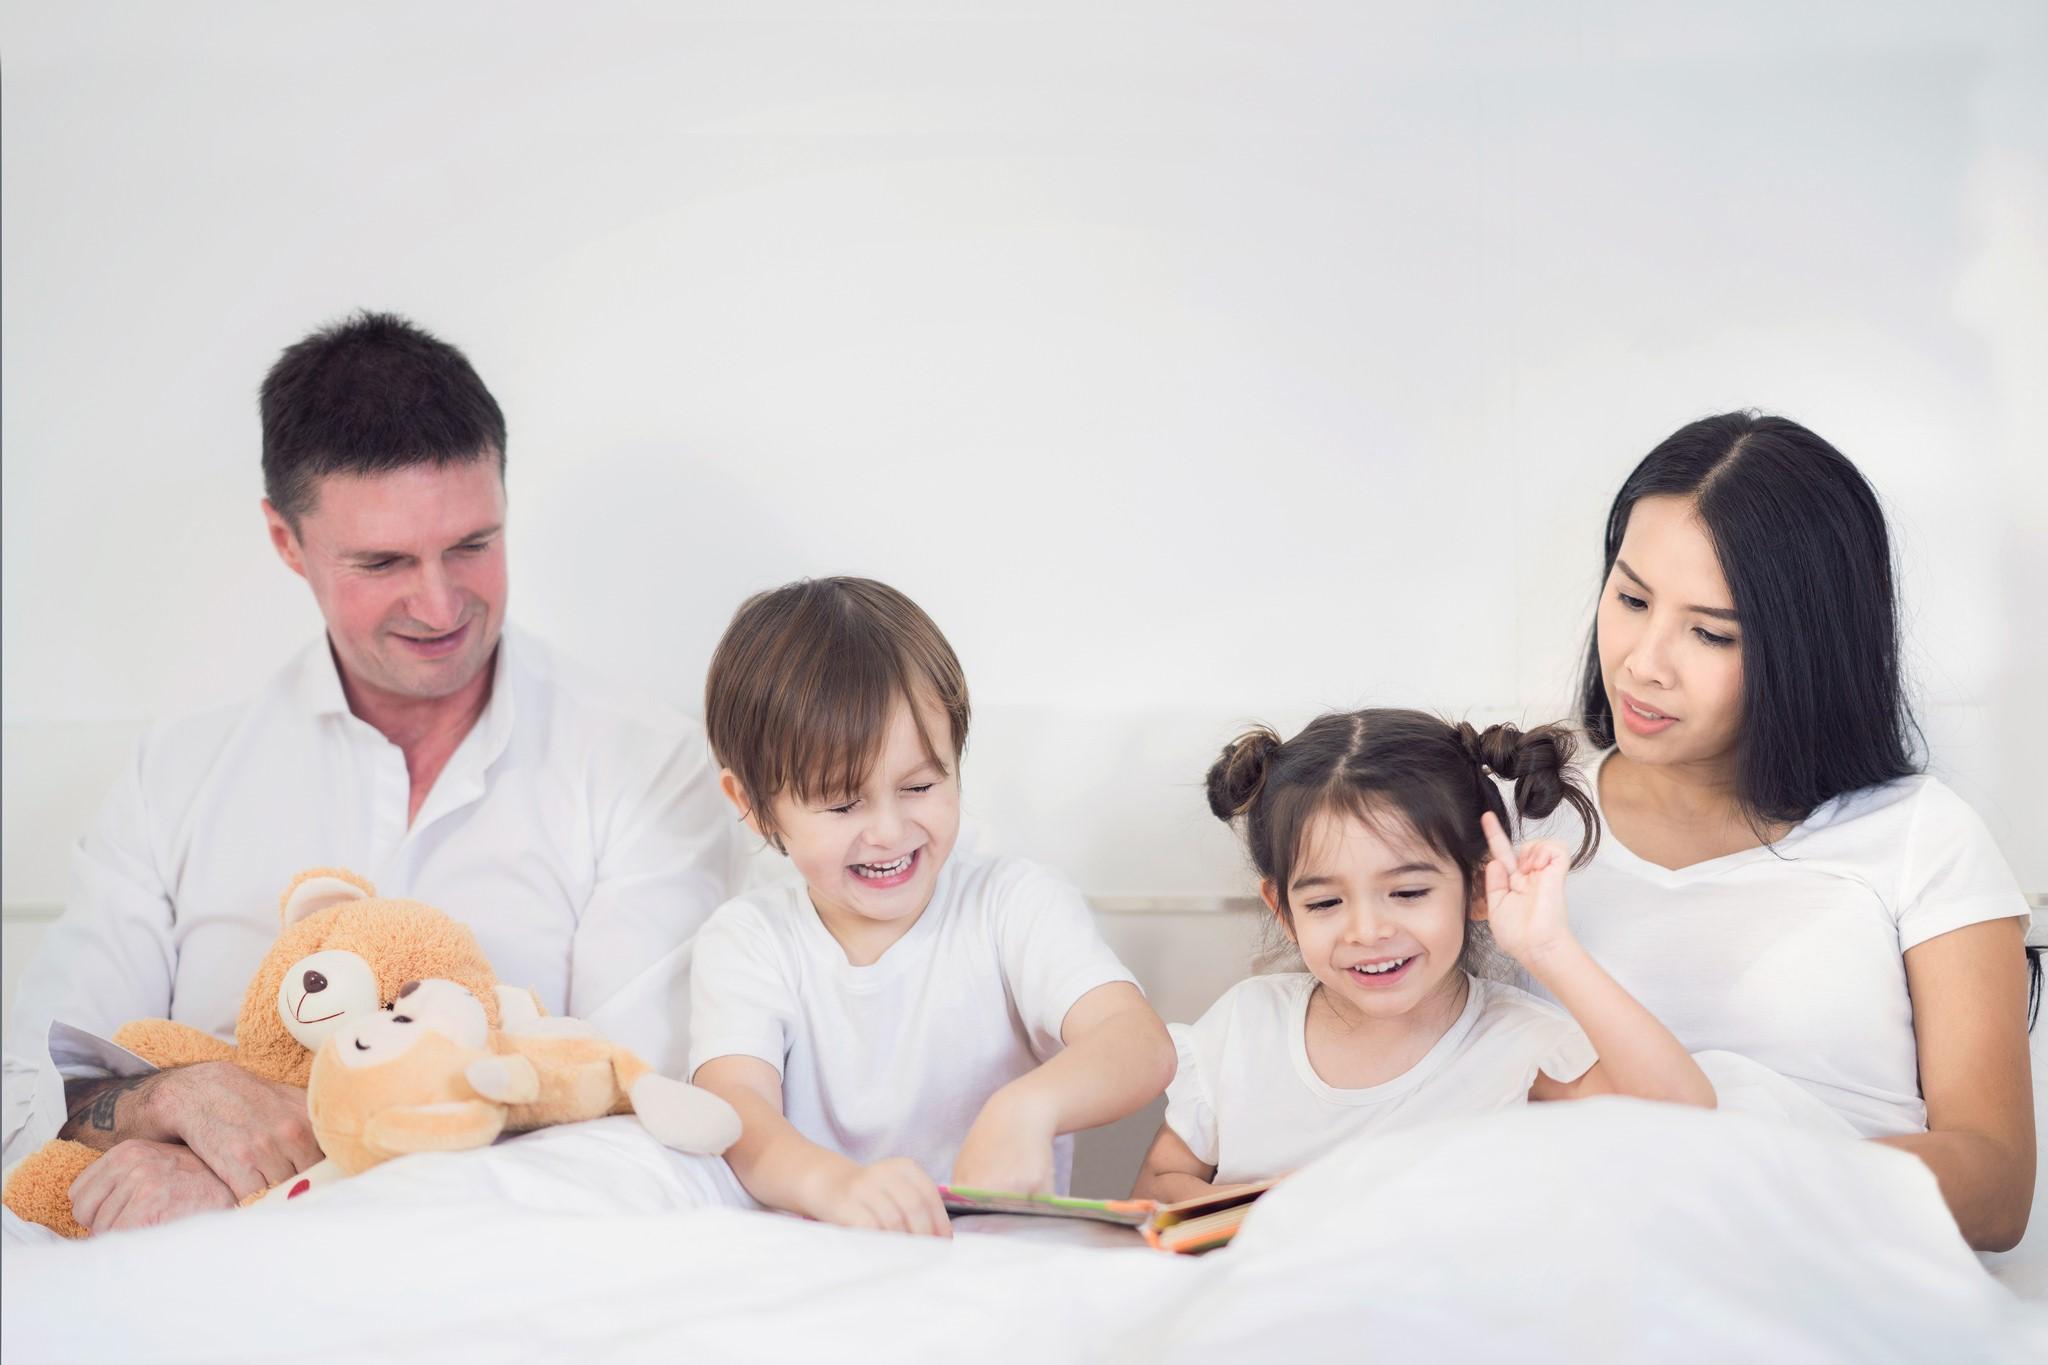 obiteljska igra